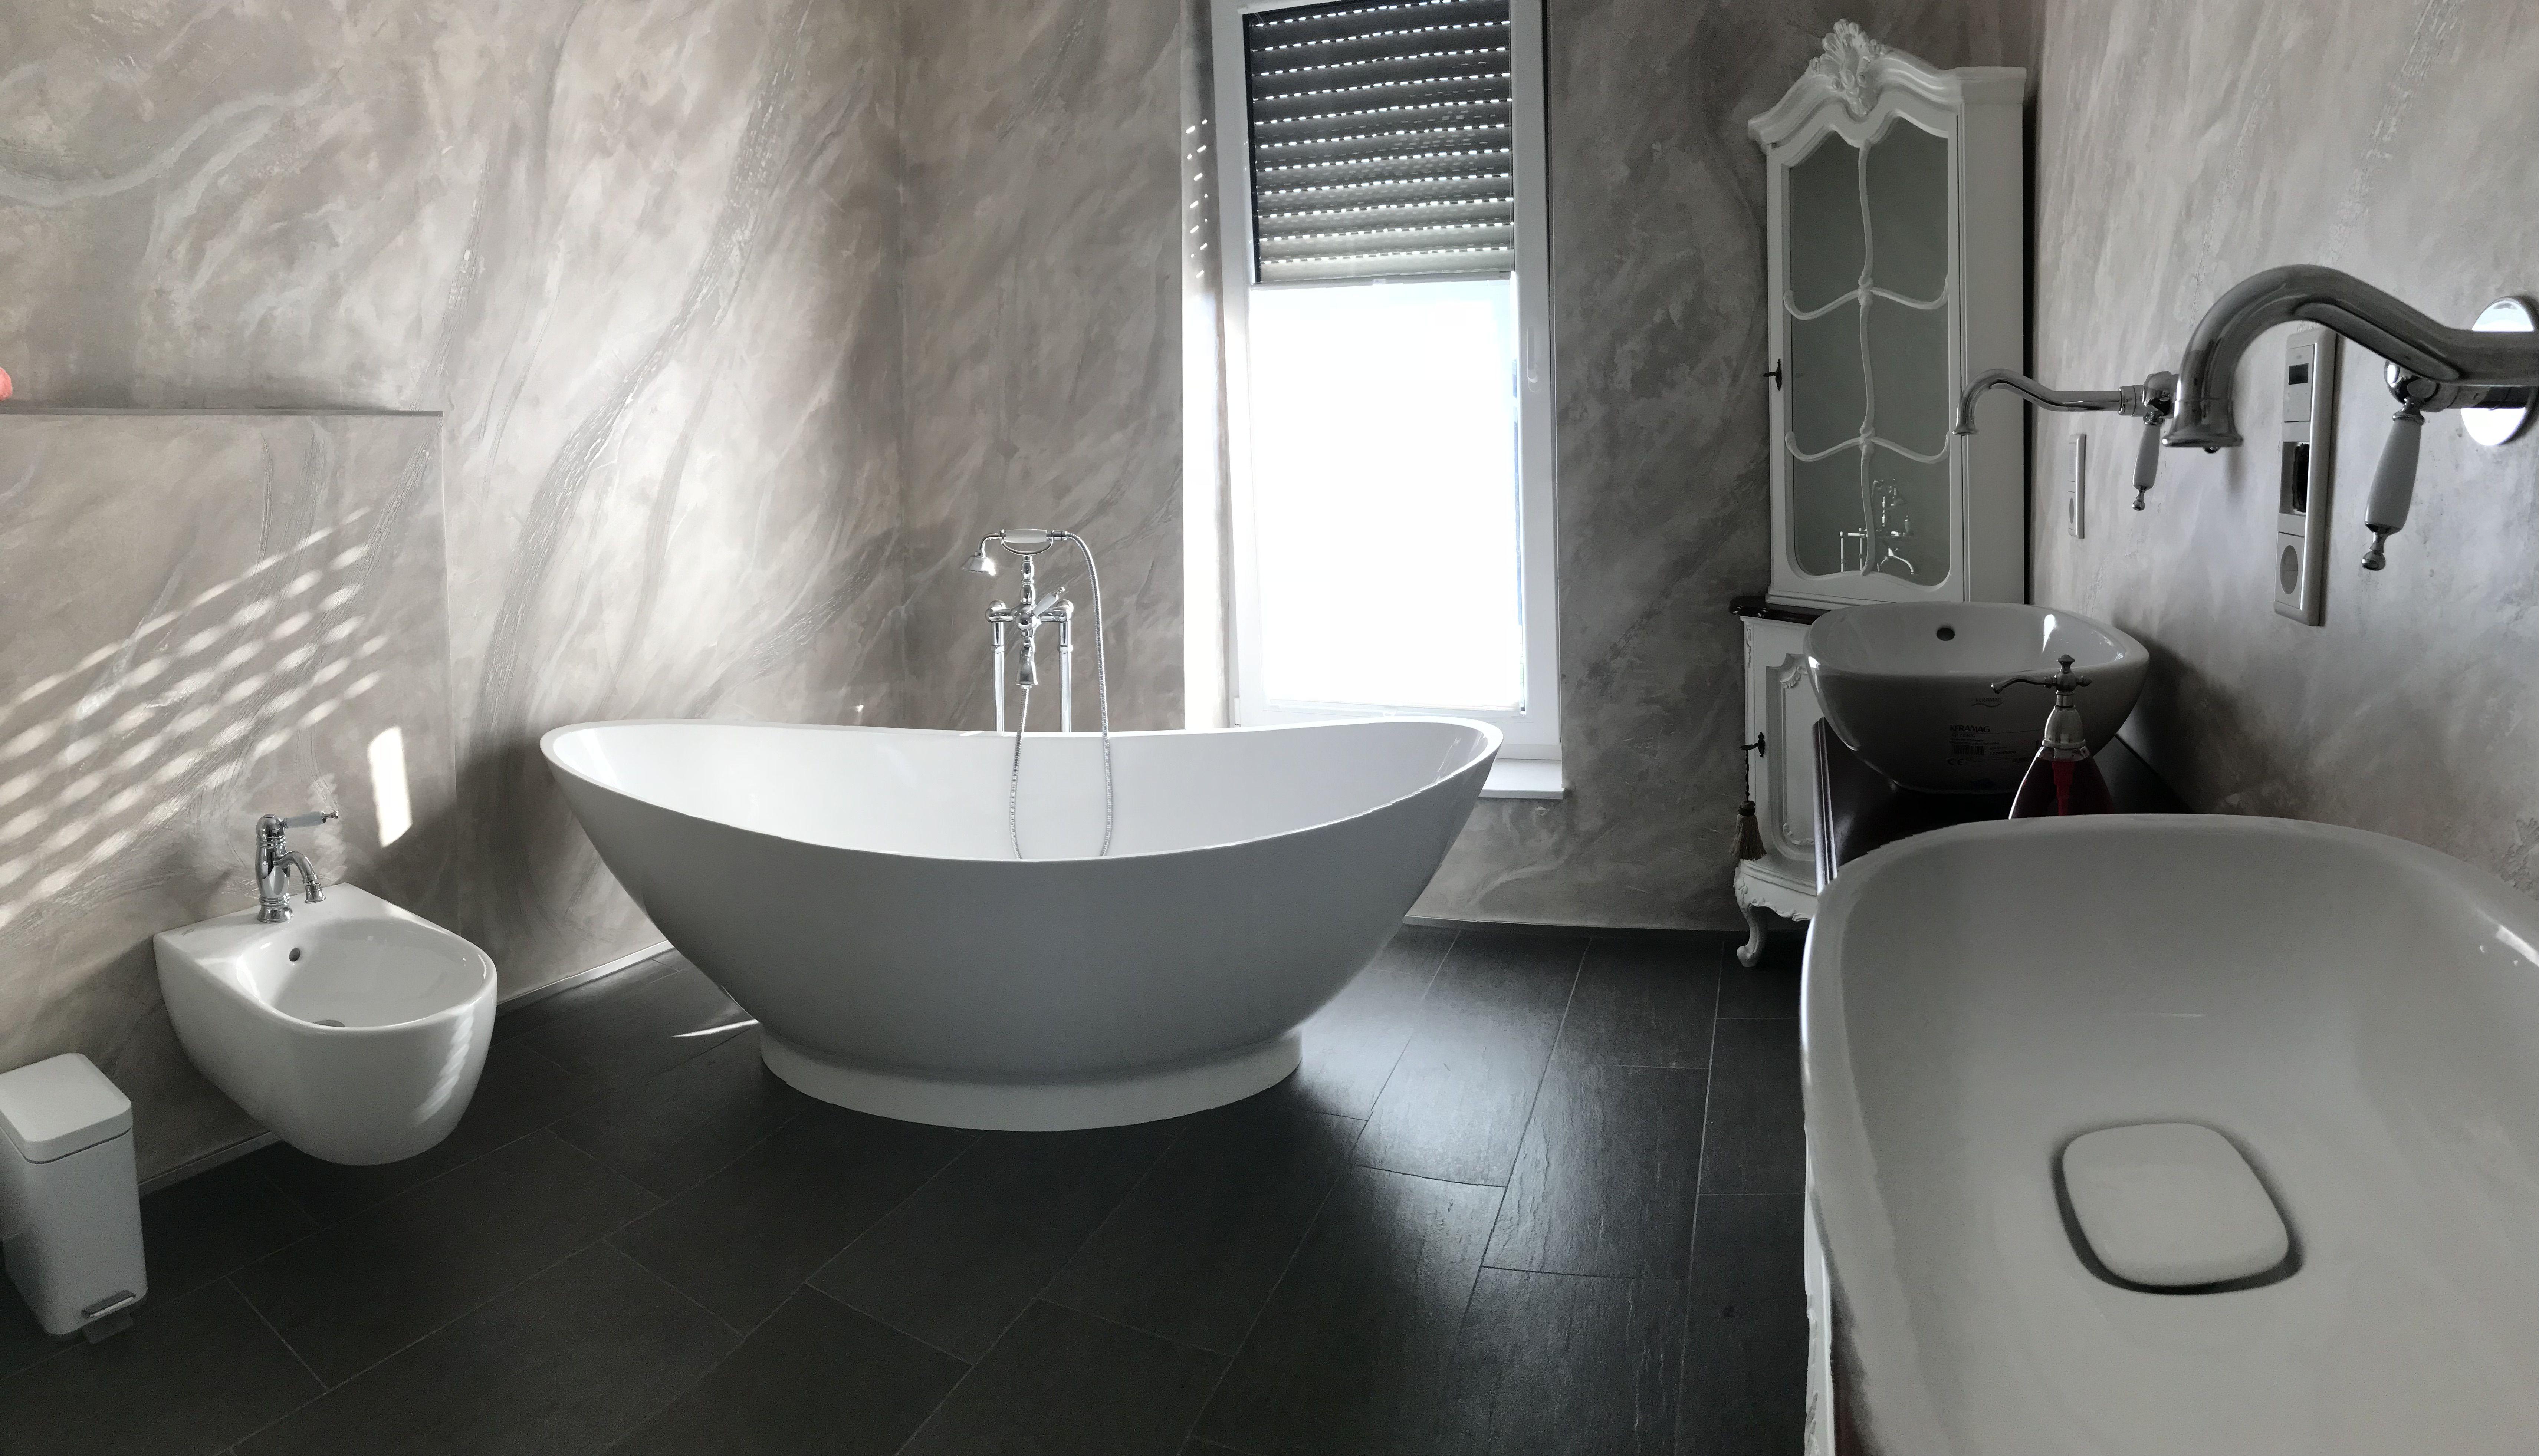 Freistehende Badewanne Como Aus Mineralguss Weiss Matt Oder Glanzend Freistehende Badewanne Bad Einrichten Badewanne